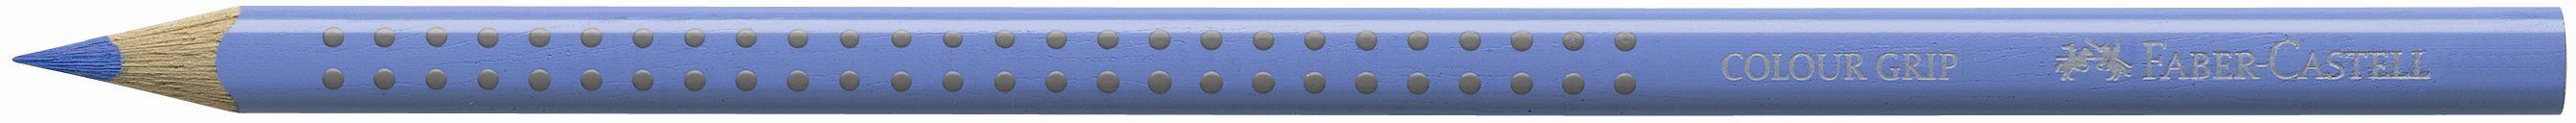 Pastelka Color Grip / 140 světlý Ultramarín Faber Castell - Akvarelové pastelky Faber Castell - Akvarelové pastelky